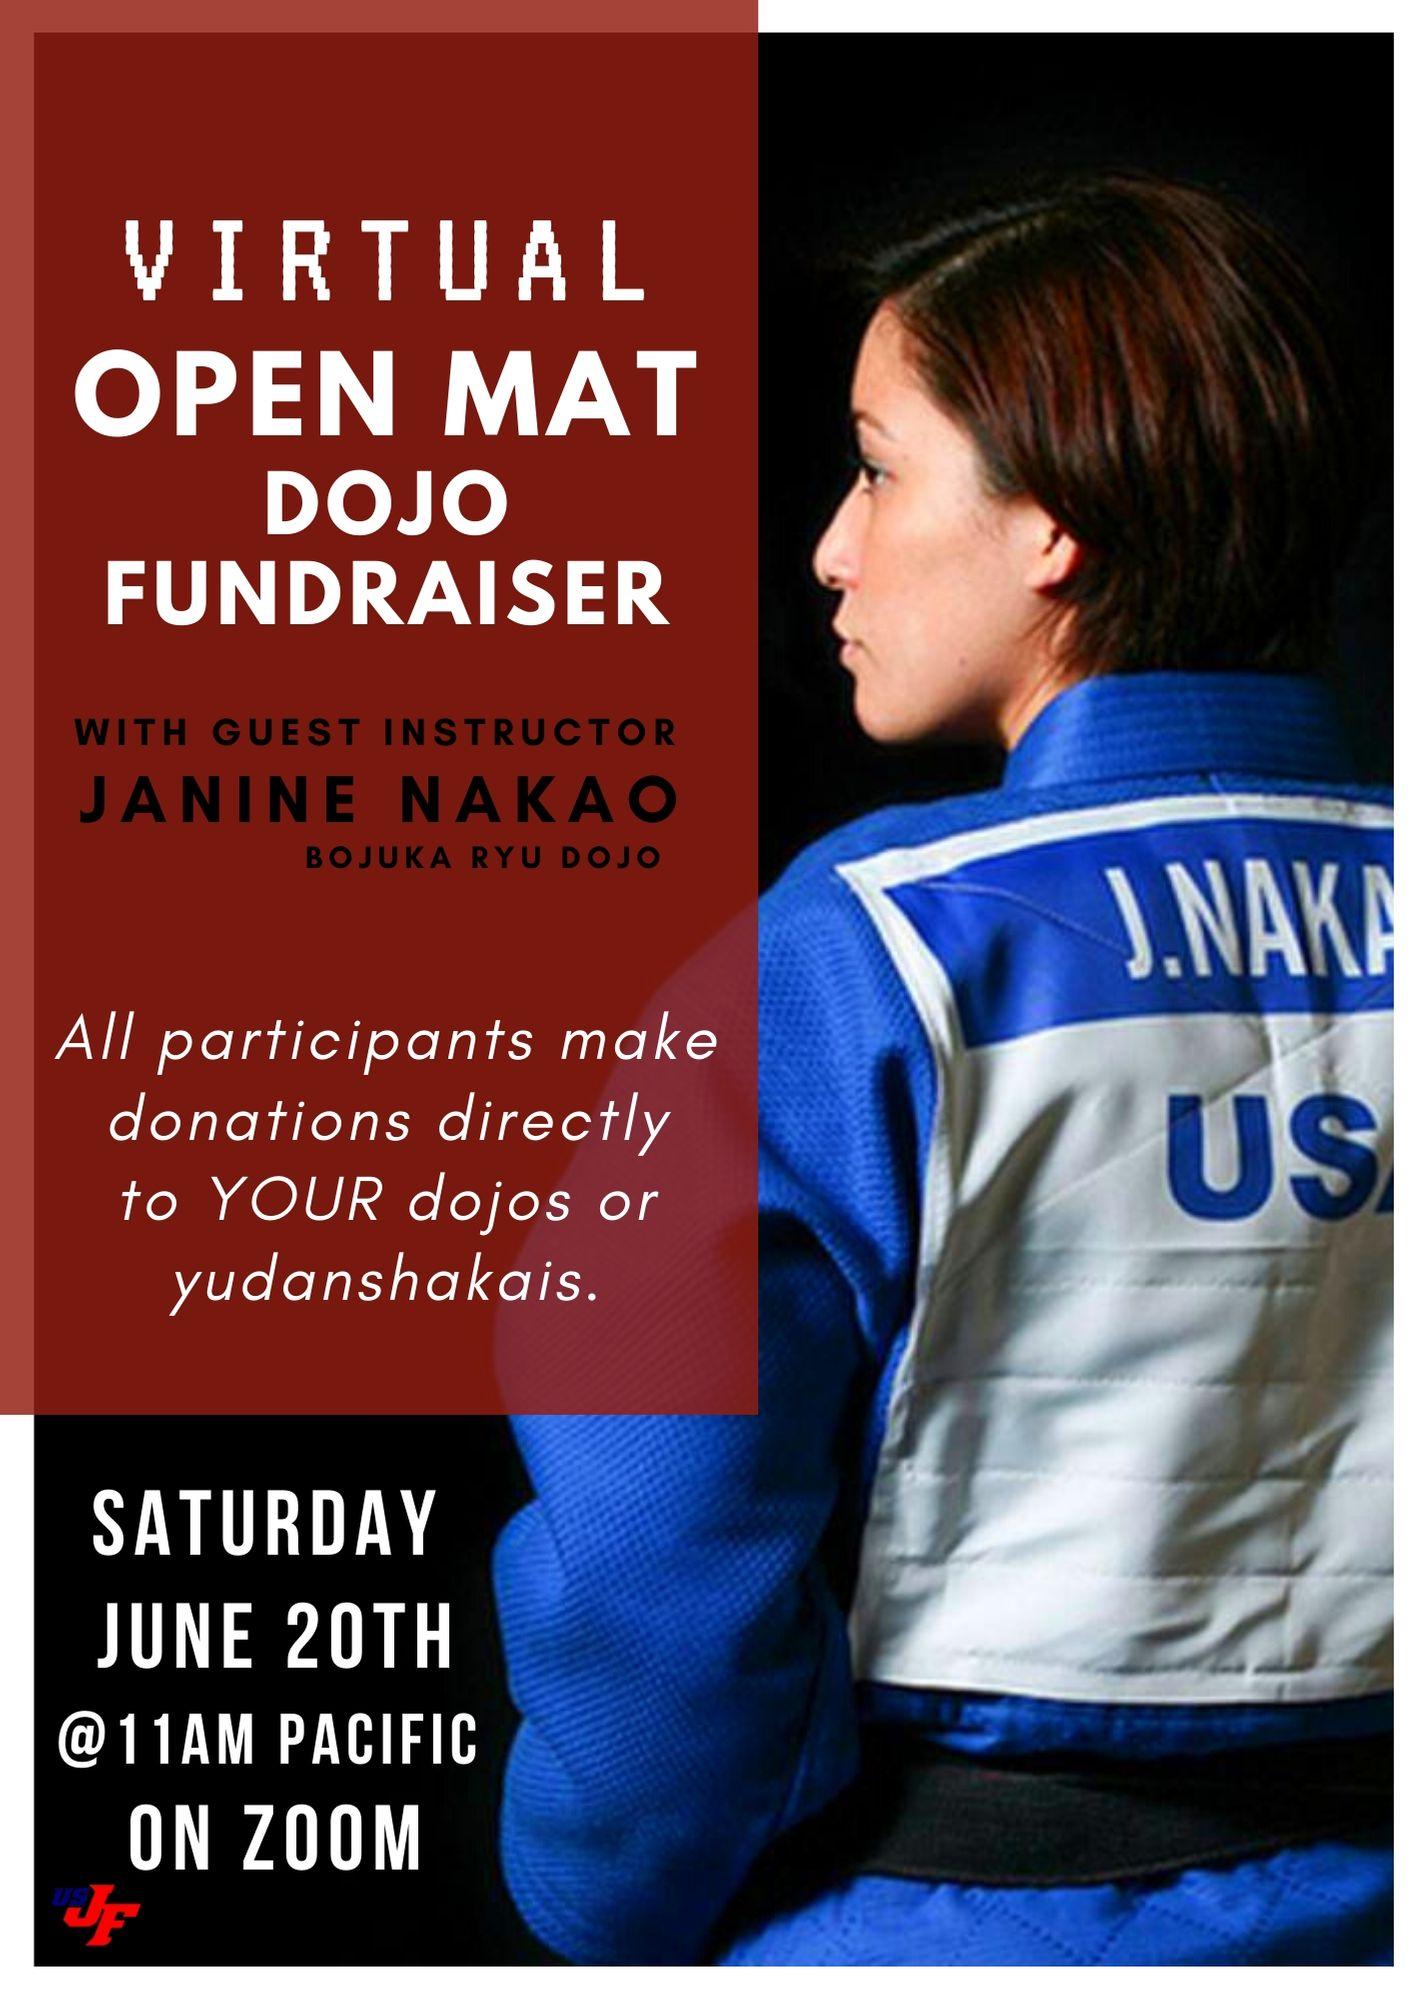 open mat dojo fundraiser